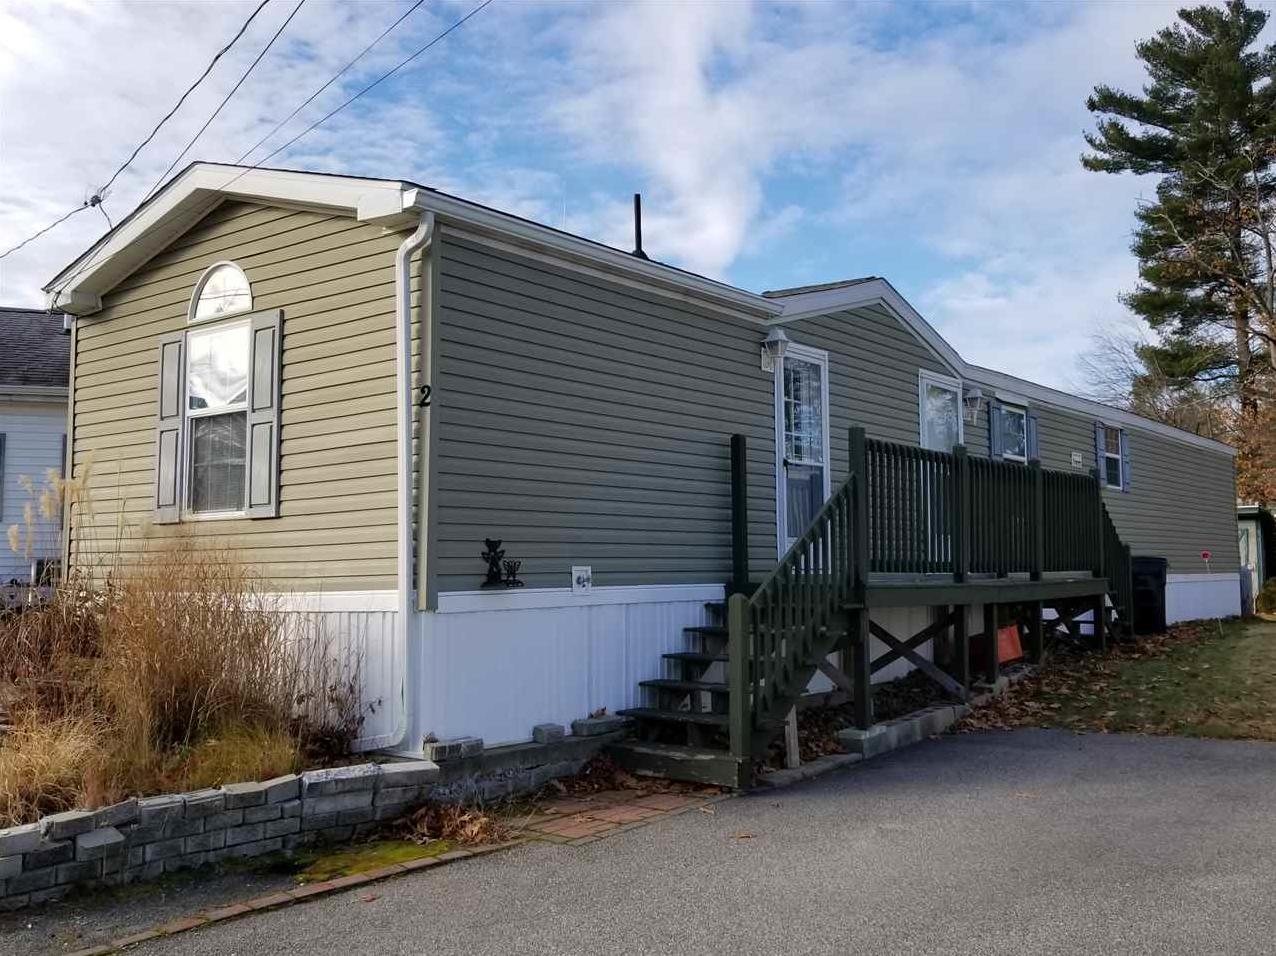 Photo of 2 Village Lane Hudson NH 03051